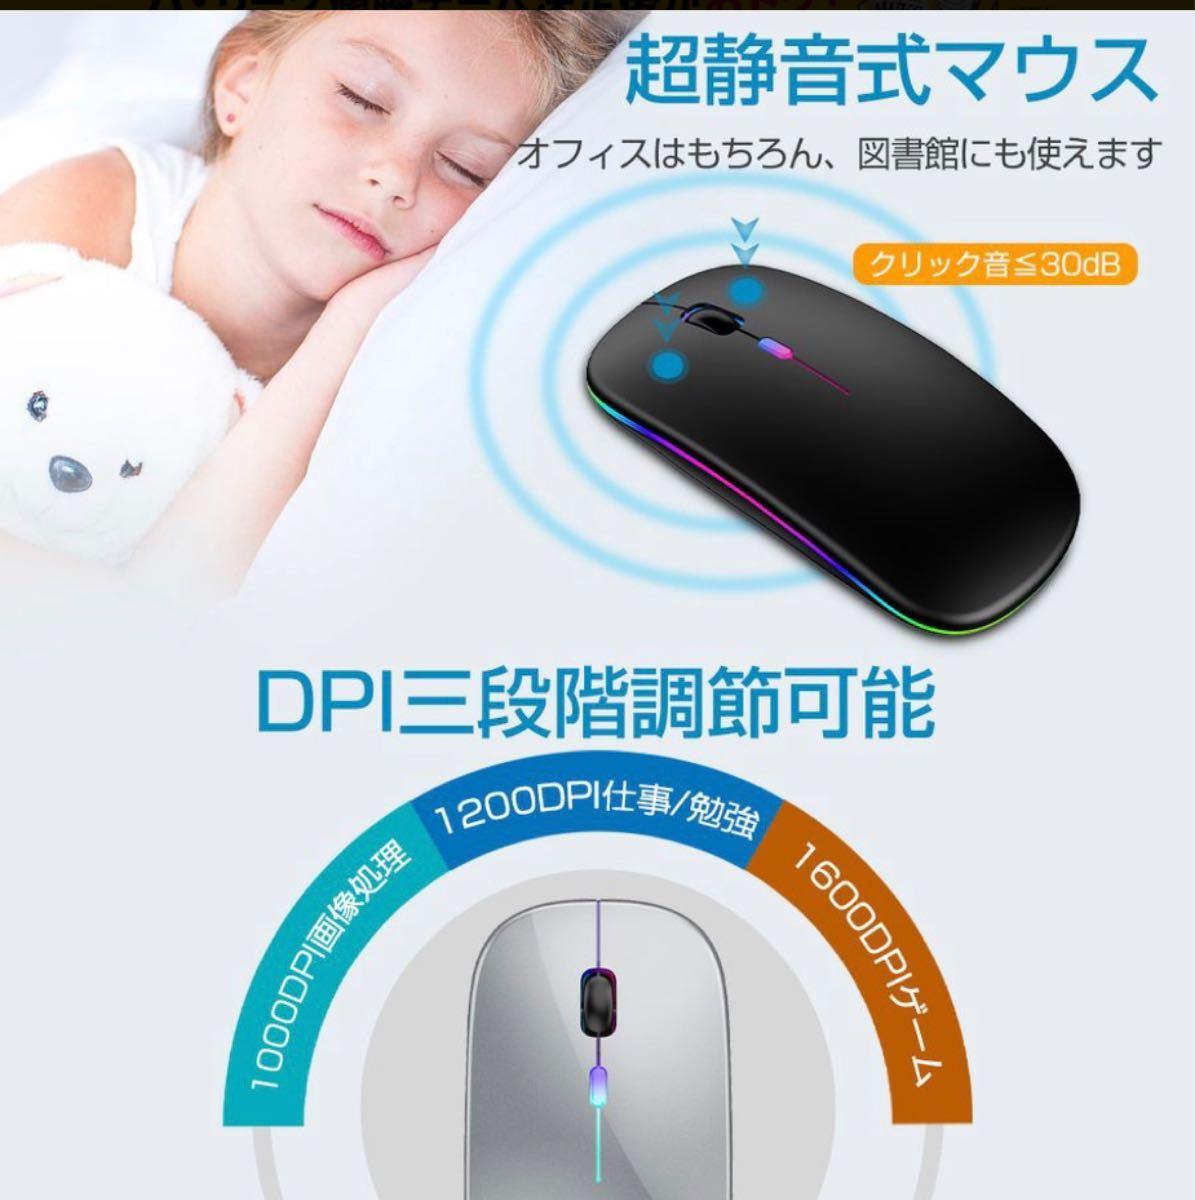 ワイヤレスマウス無線 充電式 Bluetooth5.2 LED 光学式 超薄型